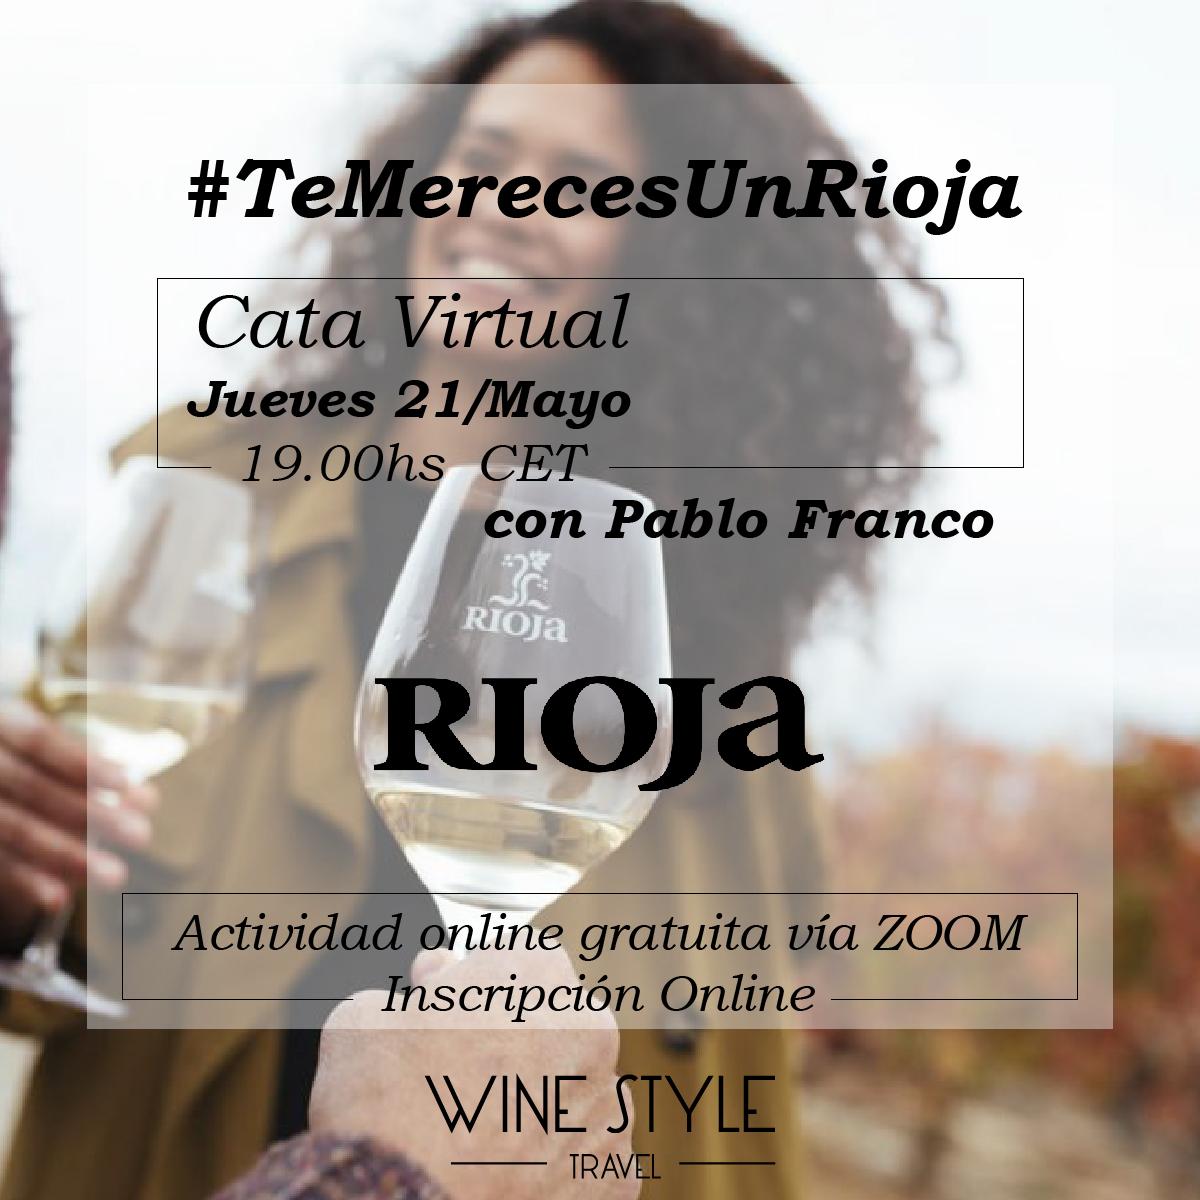 Este jueves nos encontraremos en una nueva #CataVirtual con Pablo Franco, Director Técnico de @RiojaWine_ES: la DO más antigua de España y la #1 en recibir la certificación de Calificada. #TeMerecesUnRioja ¿no crees? Apúntate aquí https://www.winestyletravel.com/inscripcion-catas-vinos-online-2/…pic.twitter.com/IzBLDNibLy